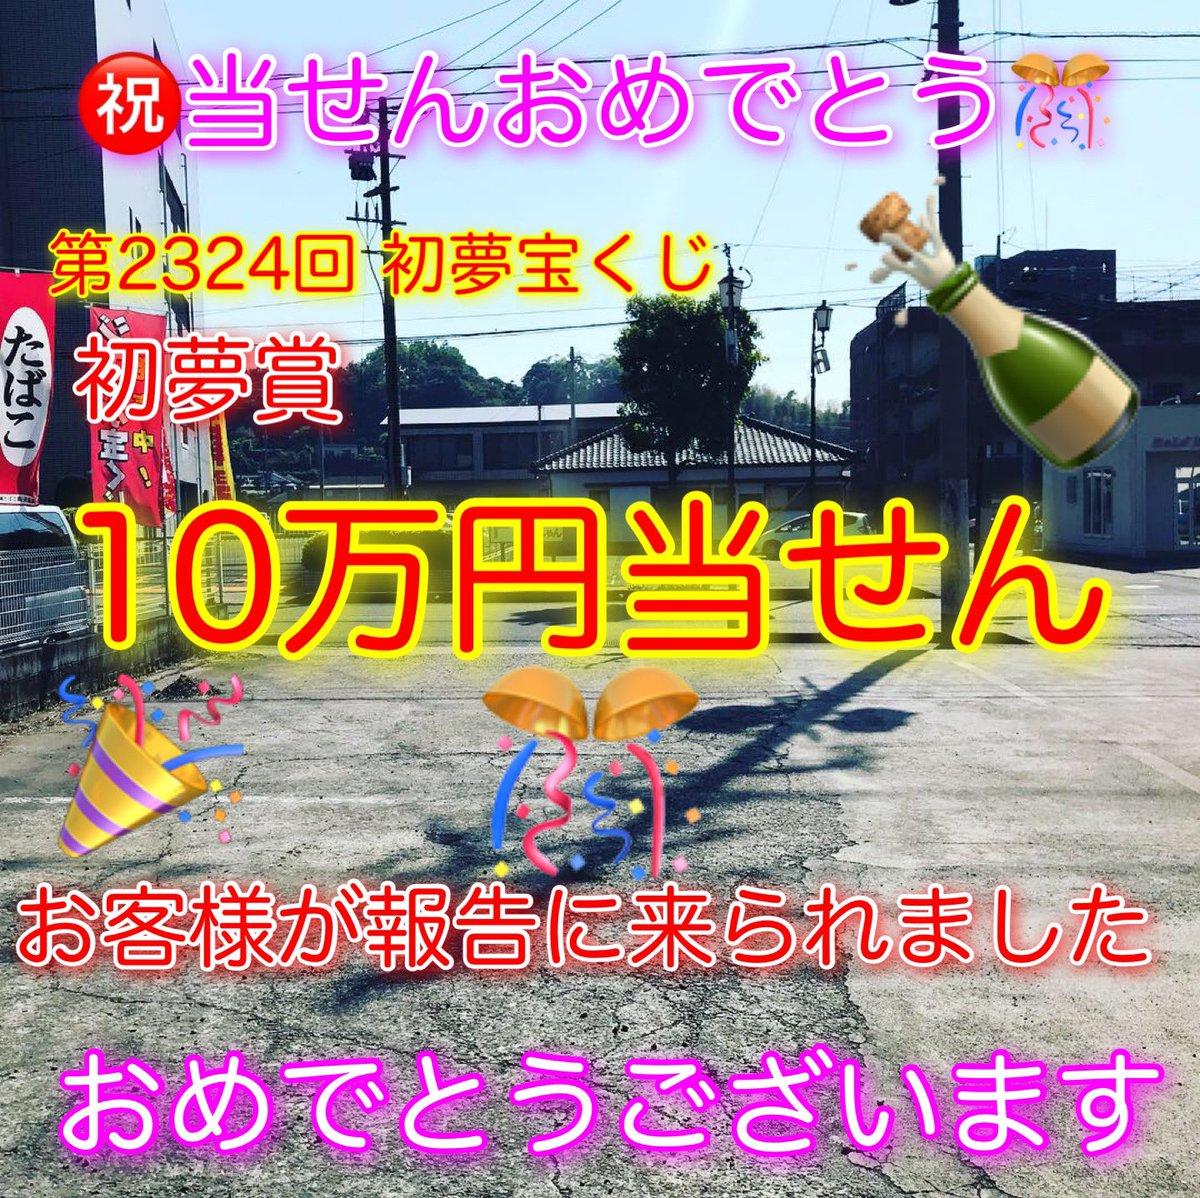 西日本 宝くじ 2324